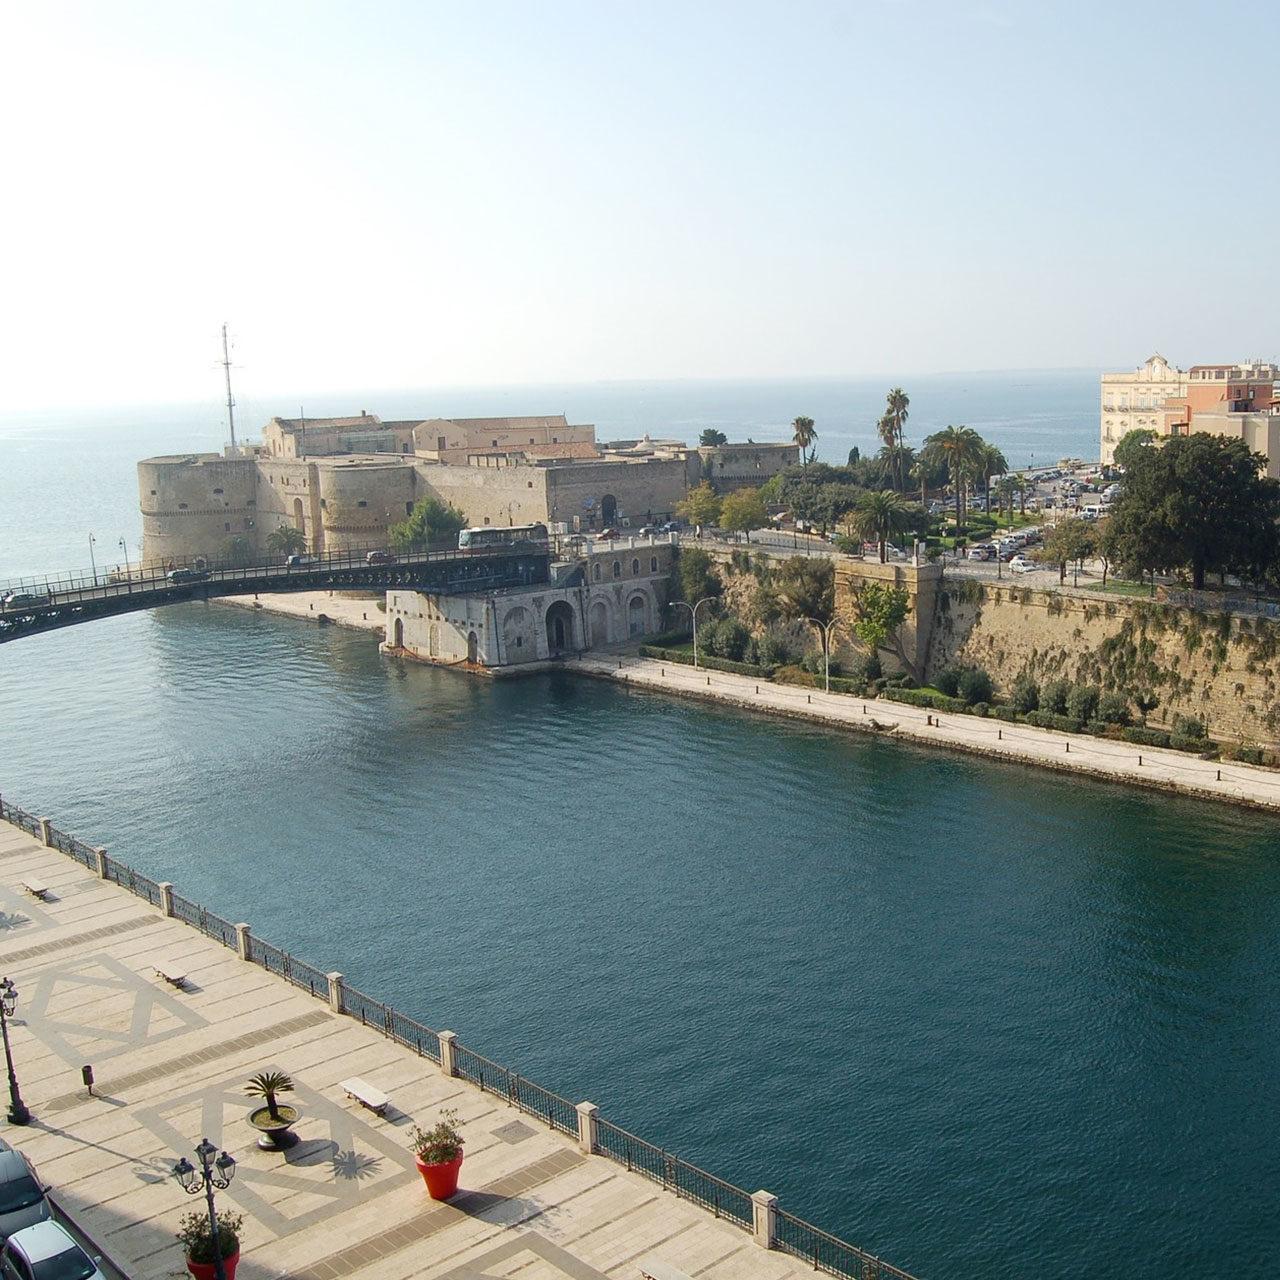 https://www.pugliaescursioni.com/wp-content/uploads/2020/02/Magna-Grecia-Murgia-e-Gravine-1280x1280.jpg